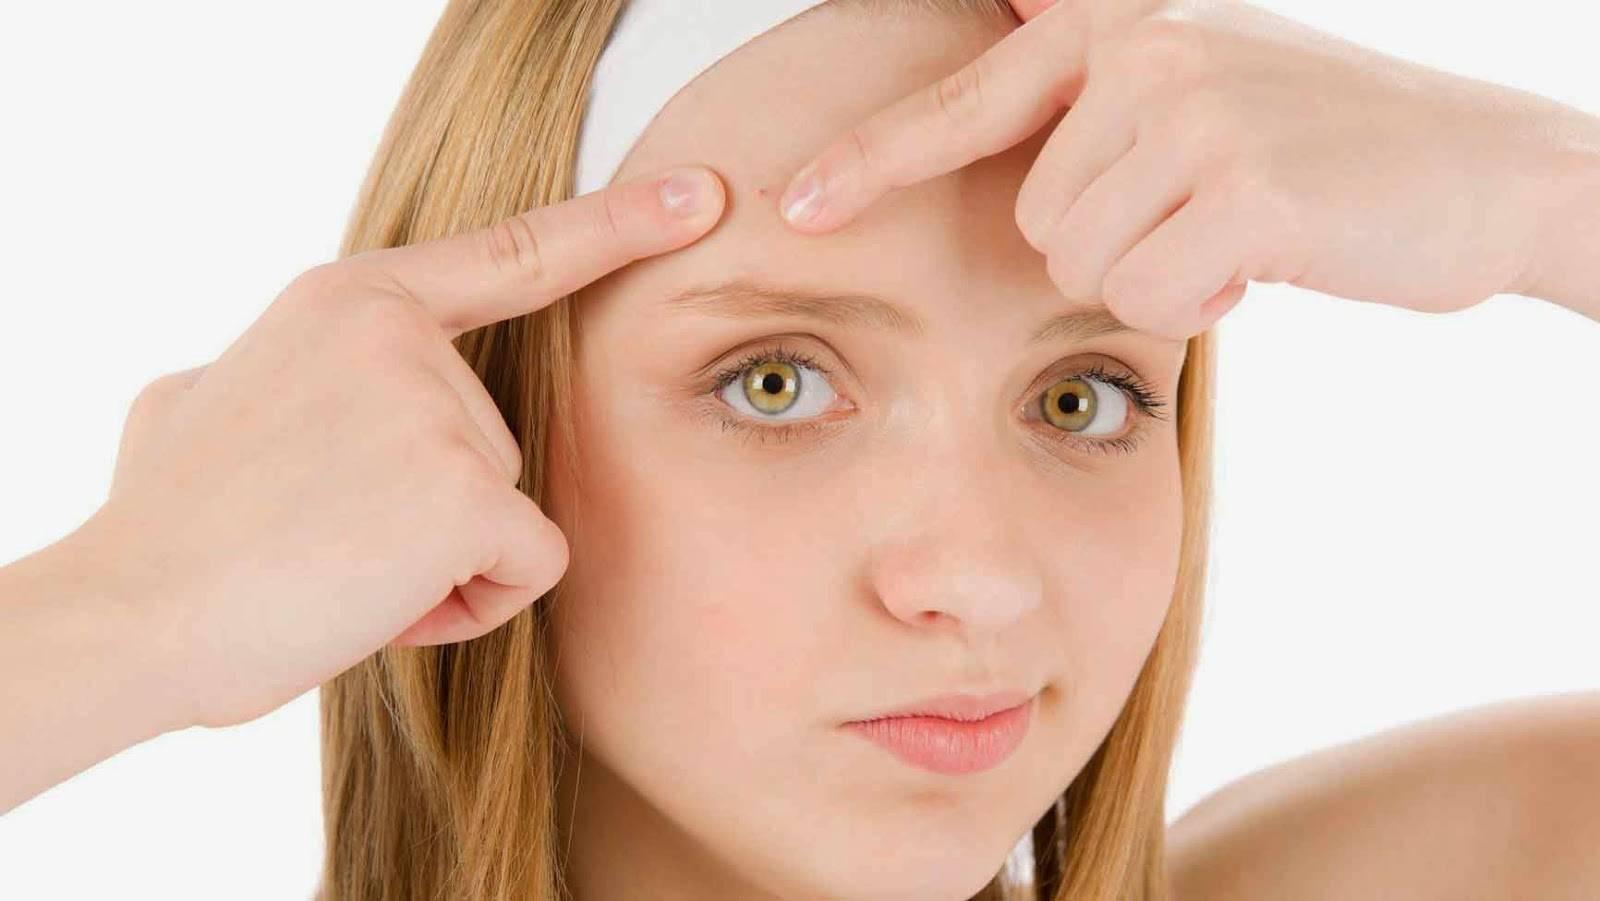 Прыщи на лице: за какие органы отвечают и что значат